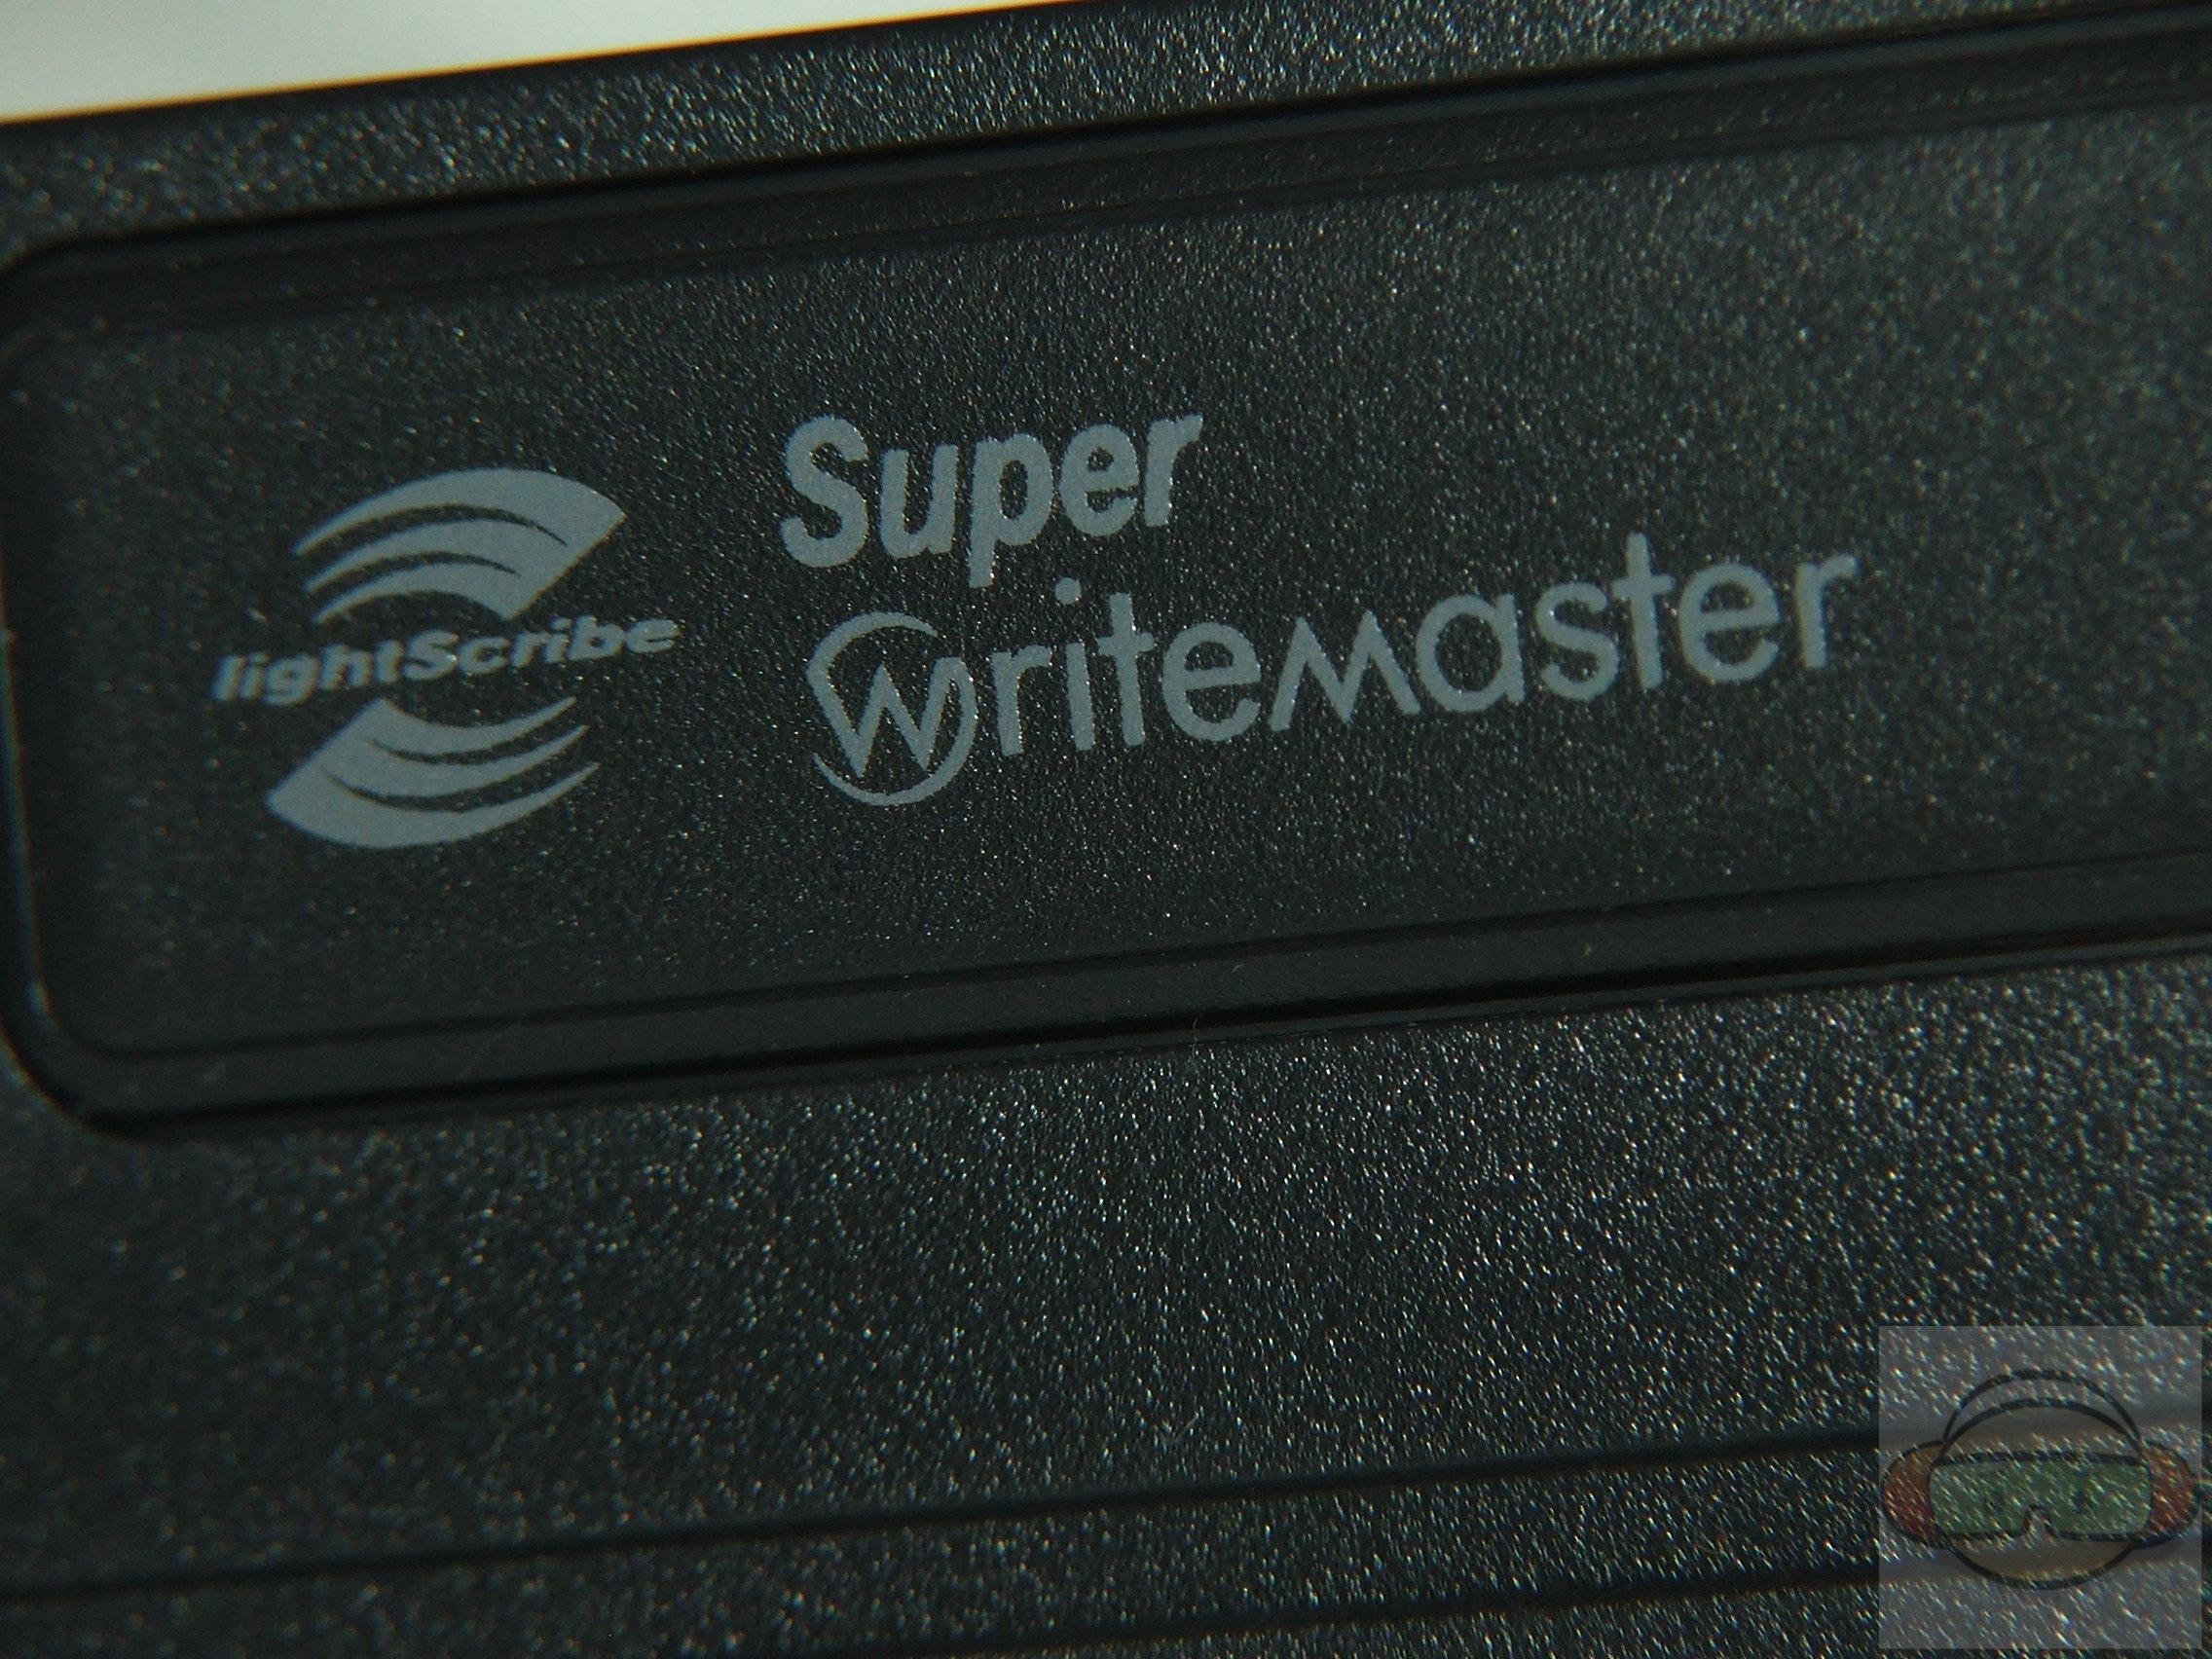 SAMSUNG SUPER WRITEMASTER SPEED PLUS 64BIT DRIVER DOWNLOAD